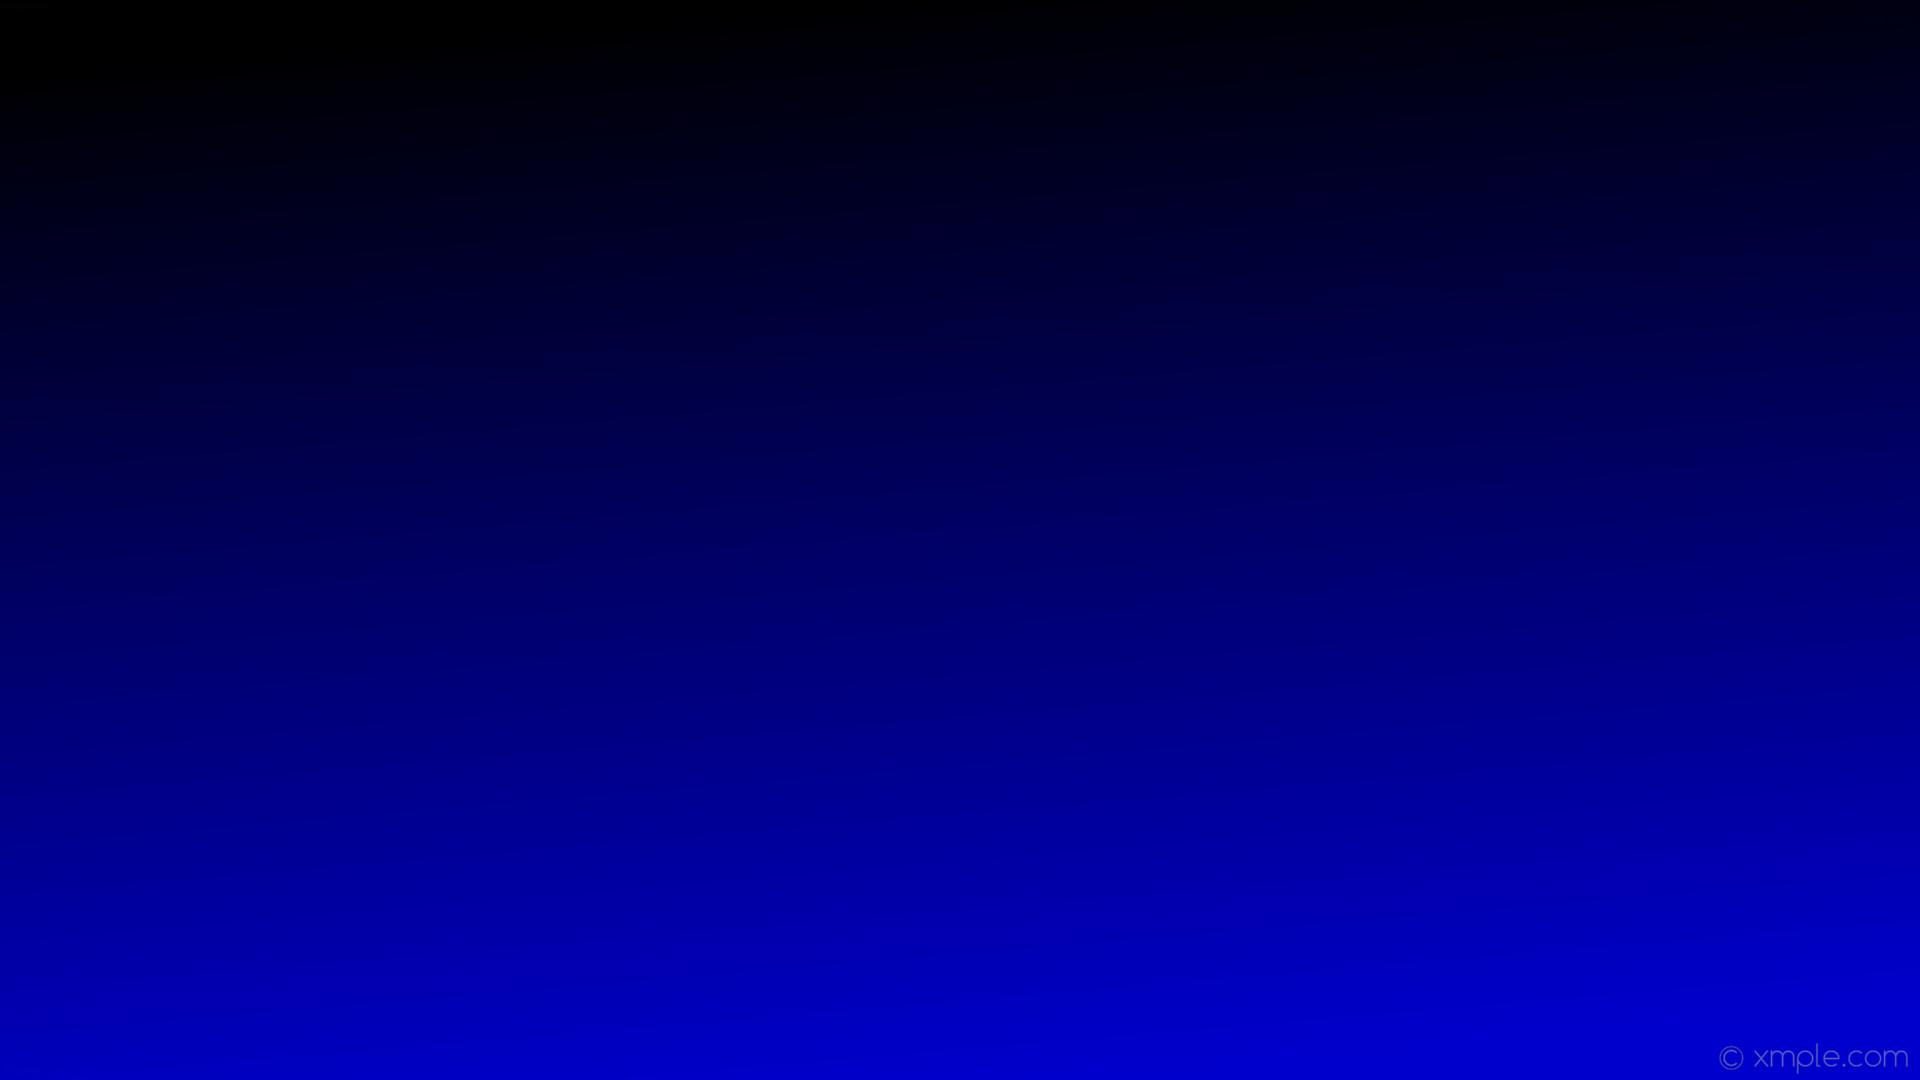 wallpaper black blue gradient linear medium blue #000000 #0000cd 105°